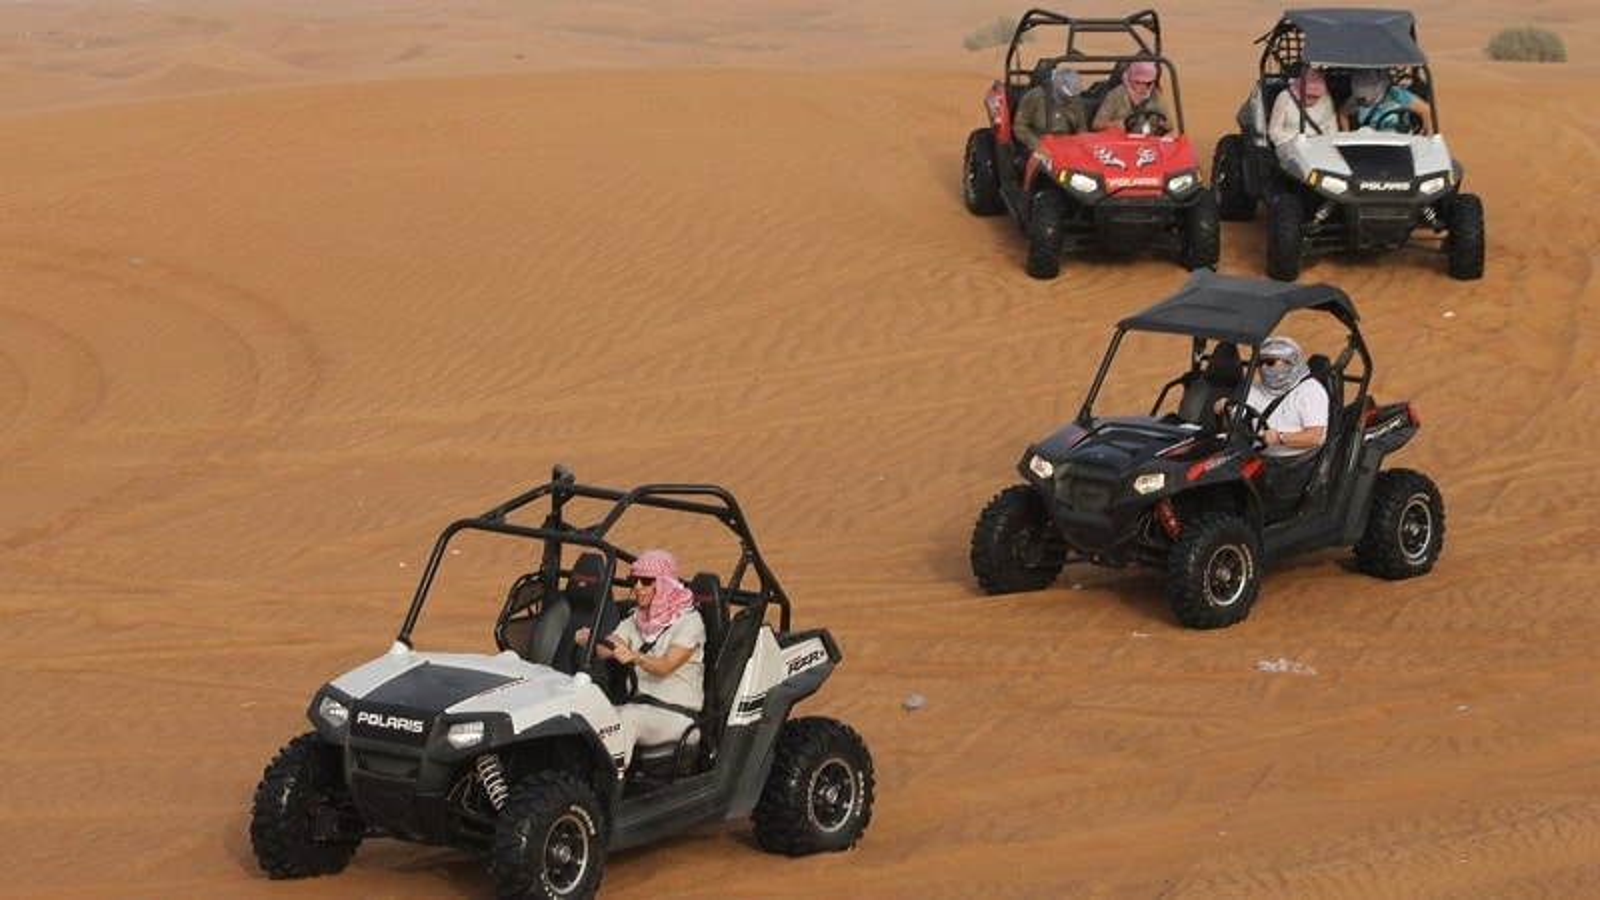 Balade en buggy dans le désert de Dubaï